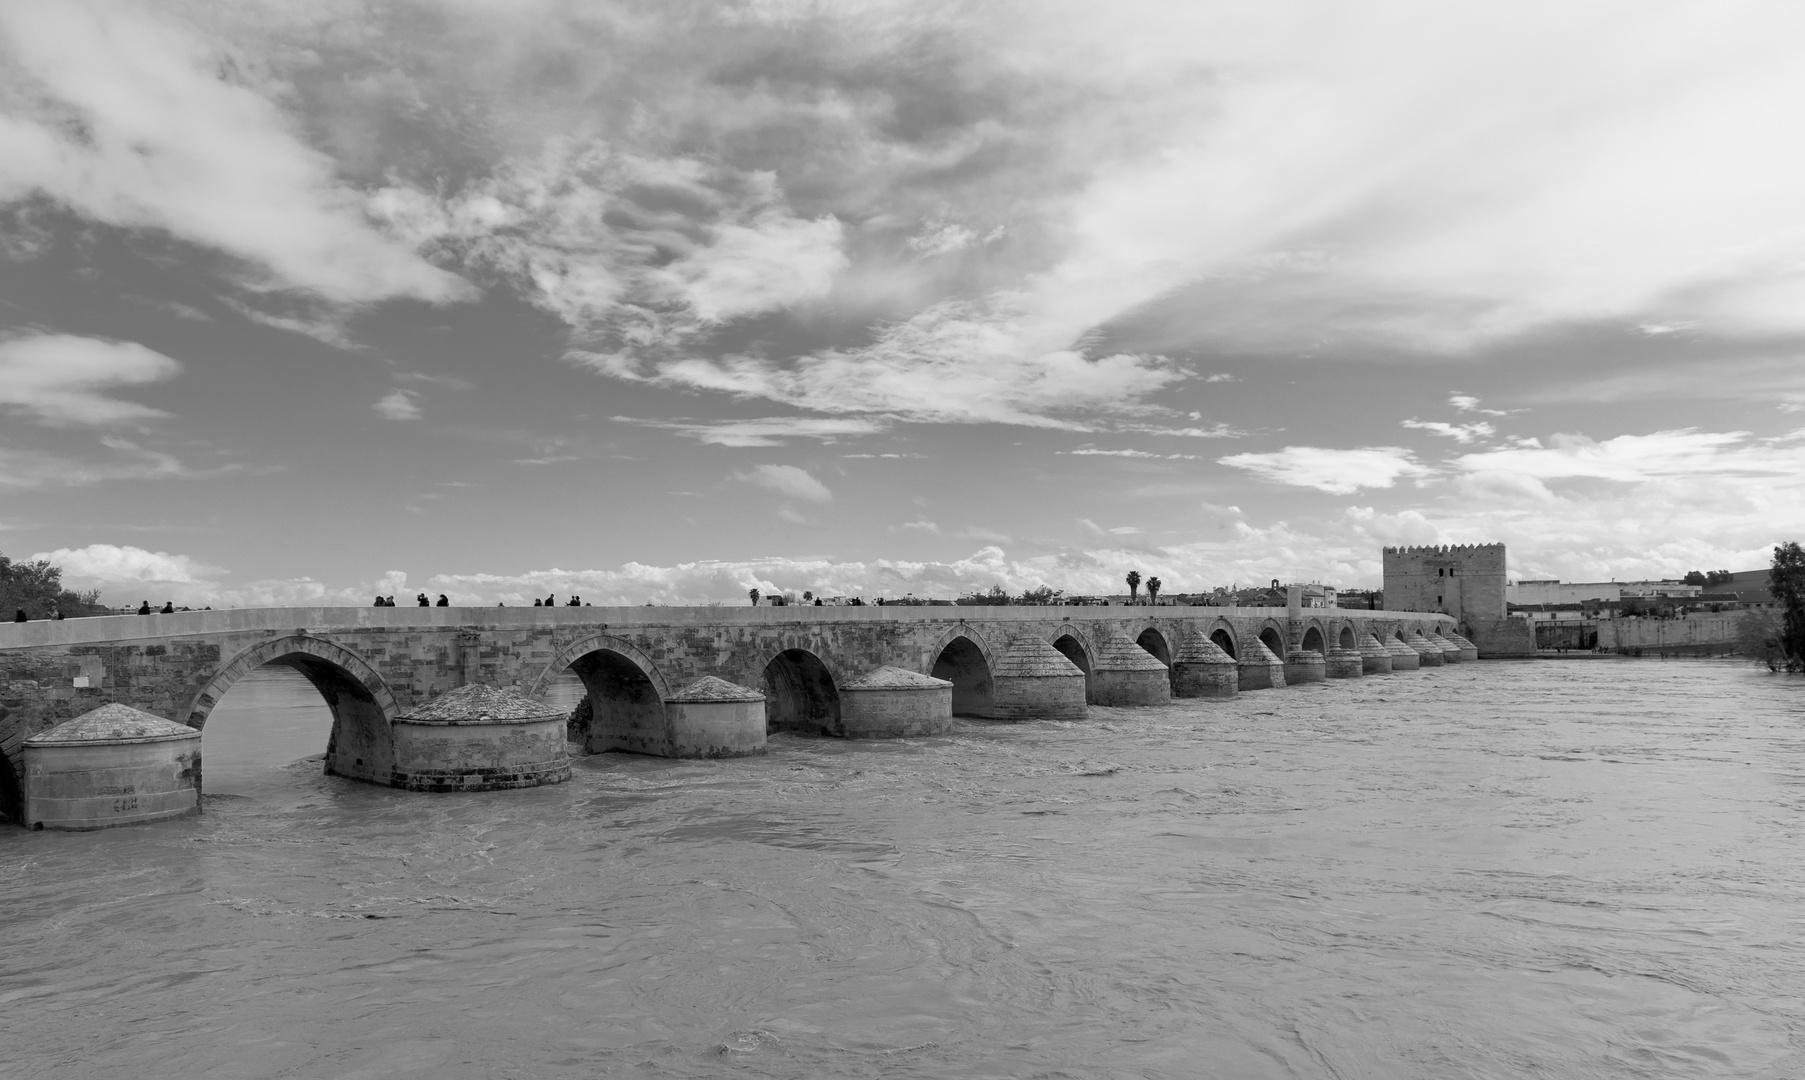 Römerbrücke in Cordoba